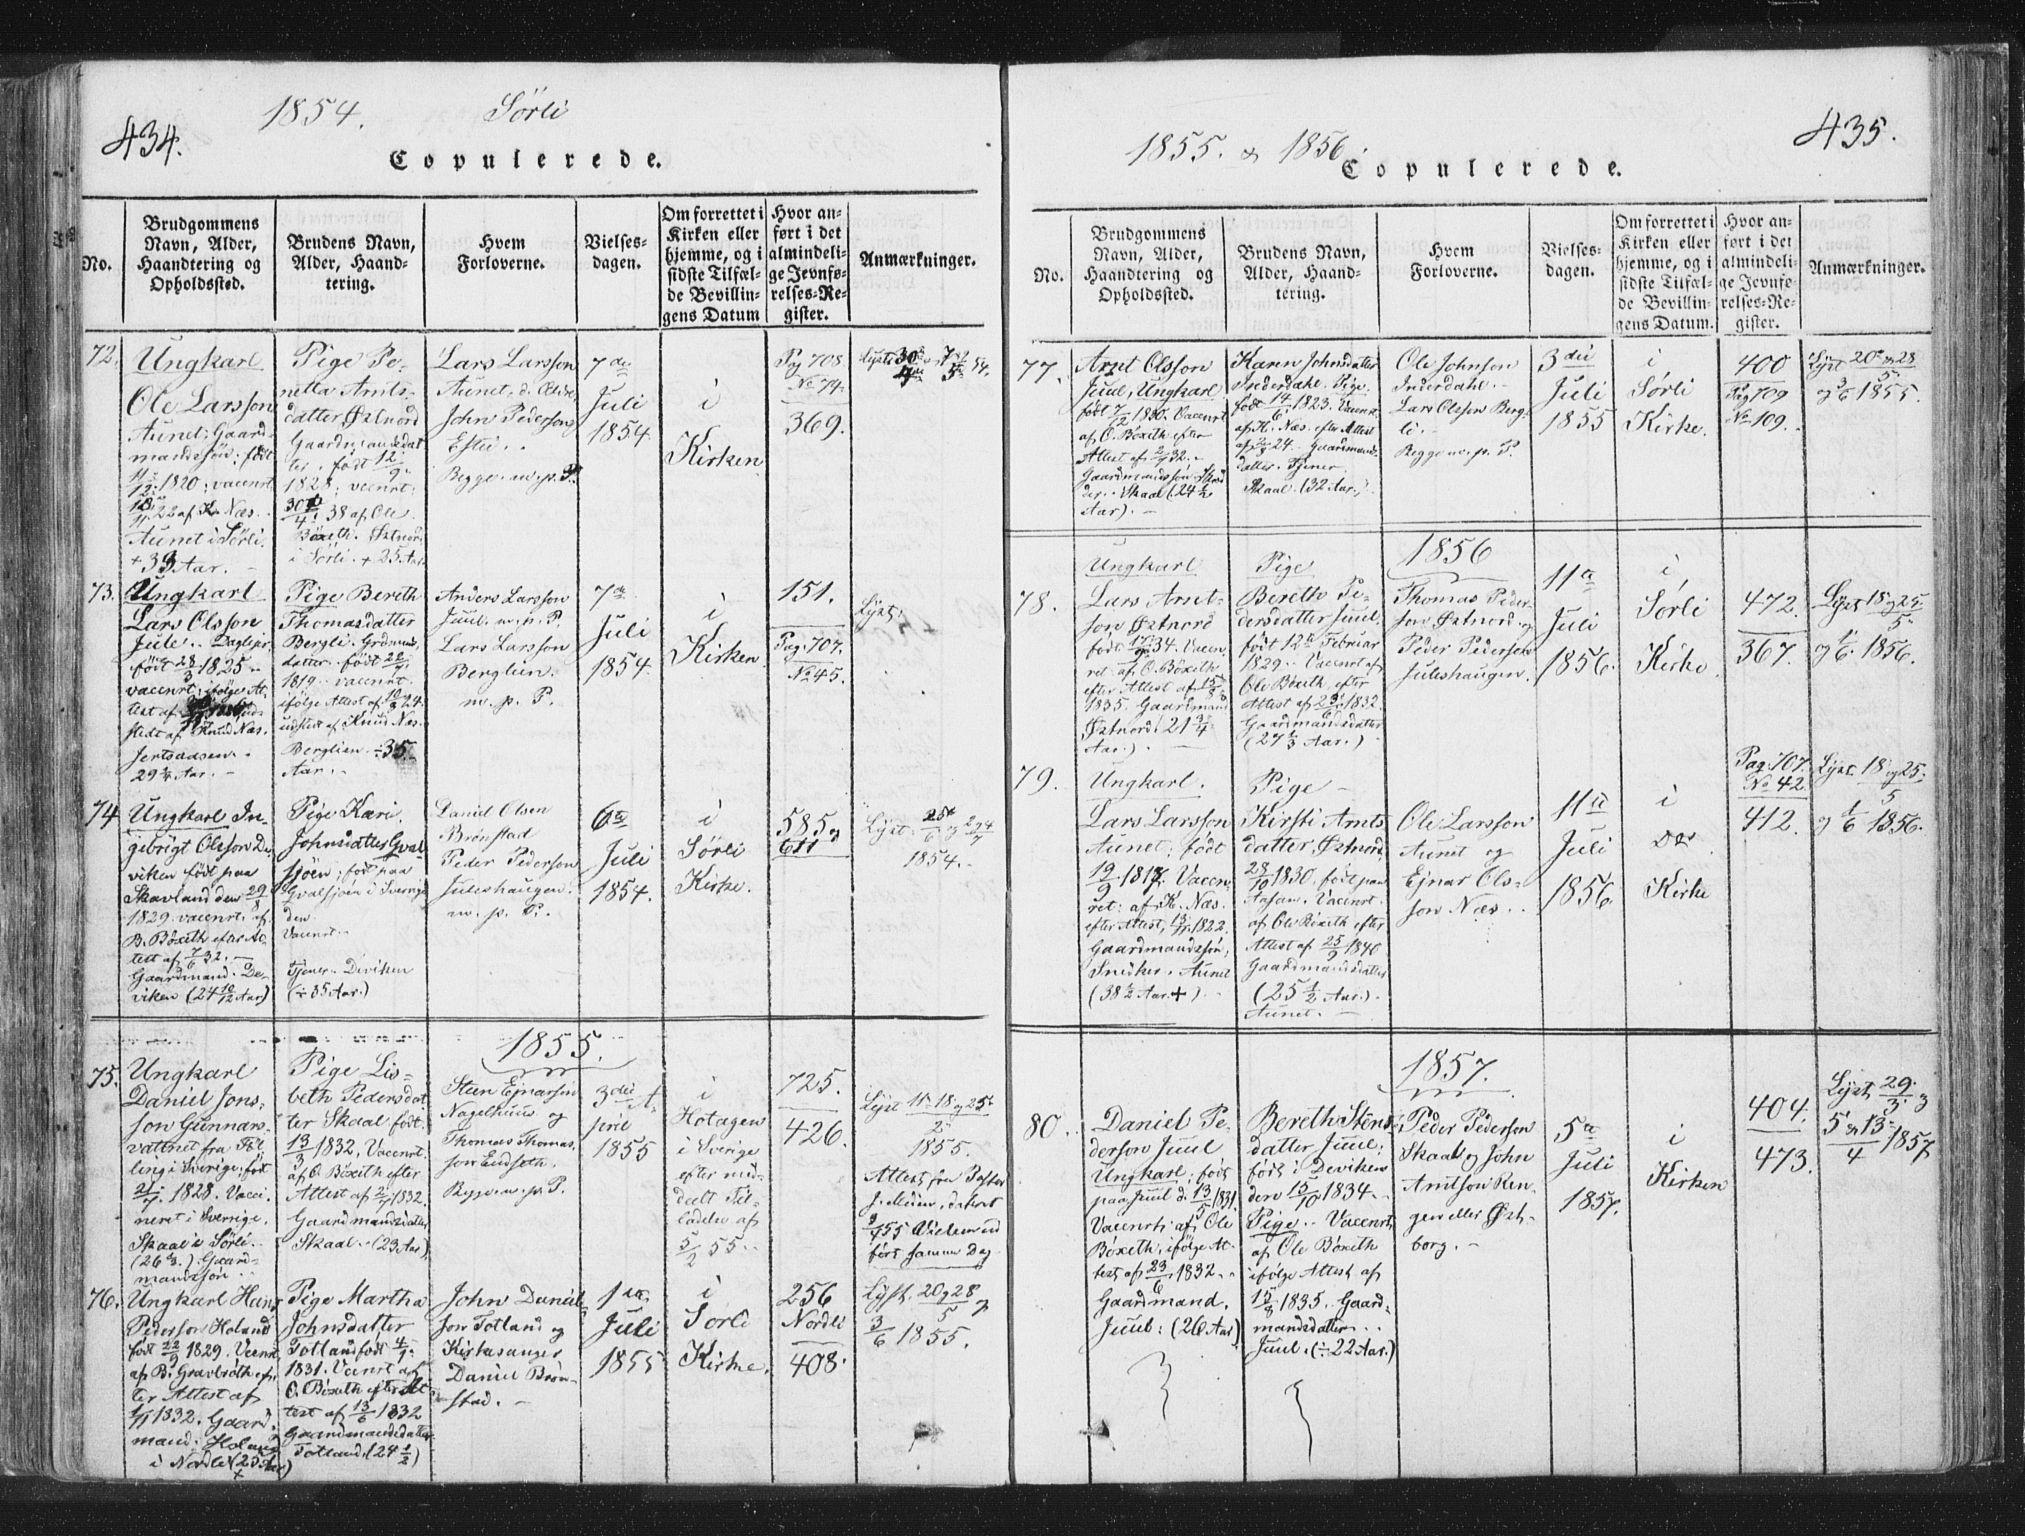 SAT, Ministerialprotokoller, klokkerbøker og fødselsregistre - Nord-Trøndelag, 755/L0491: Ministerialbok nr. 755A01 /2, 1817-1864, s. 434-435